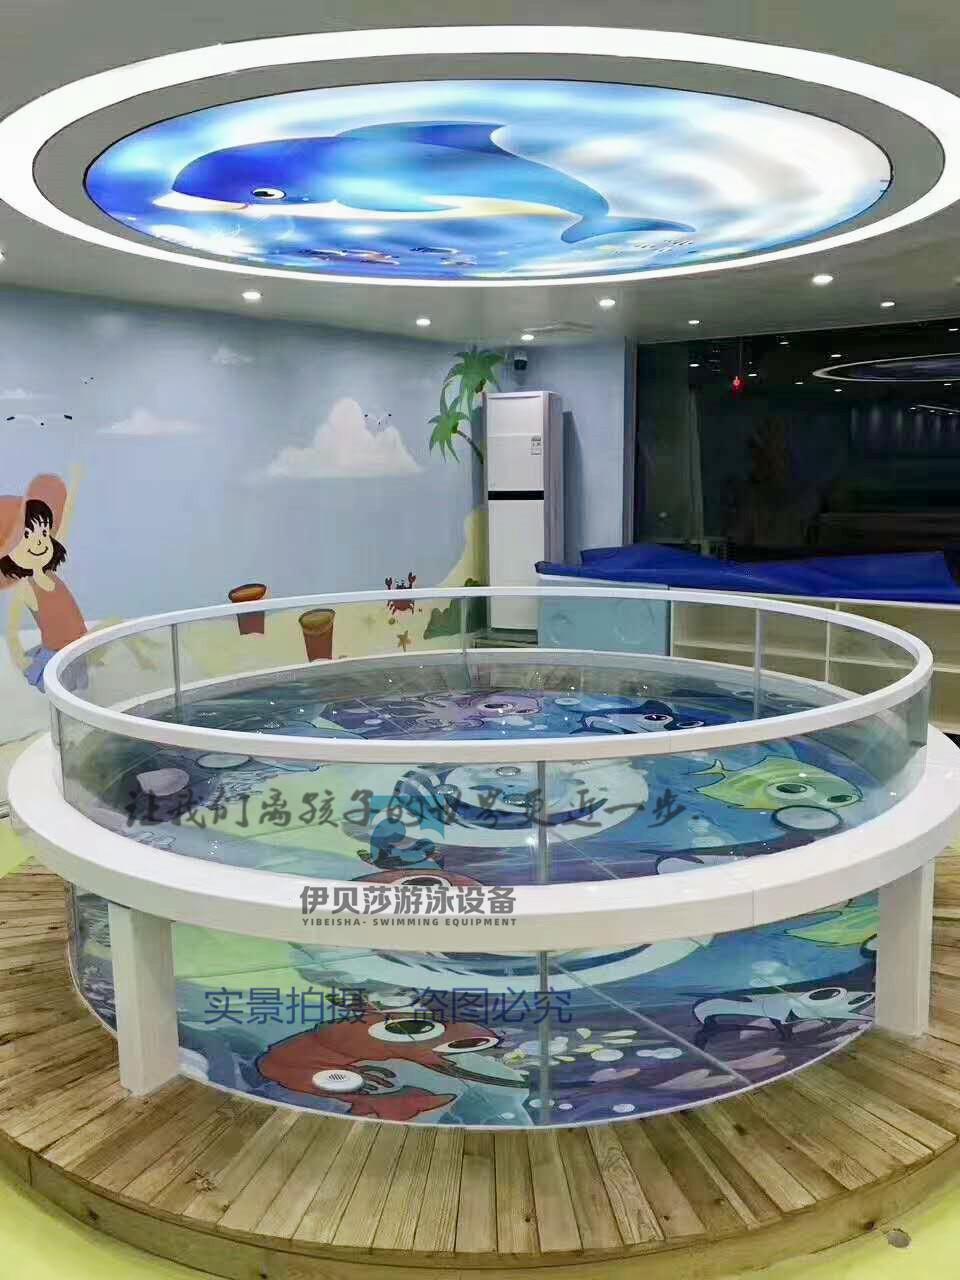 新款包边圆形玻璃游泳池(多包边色)